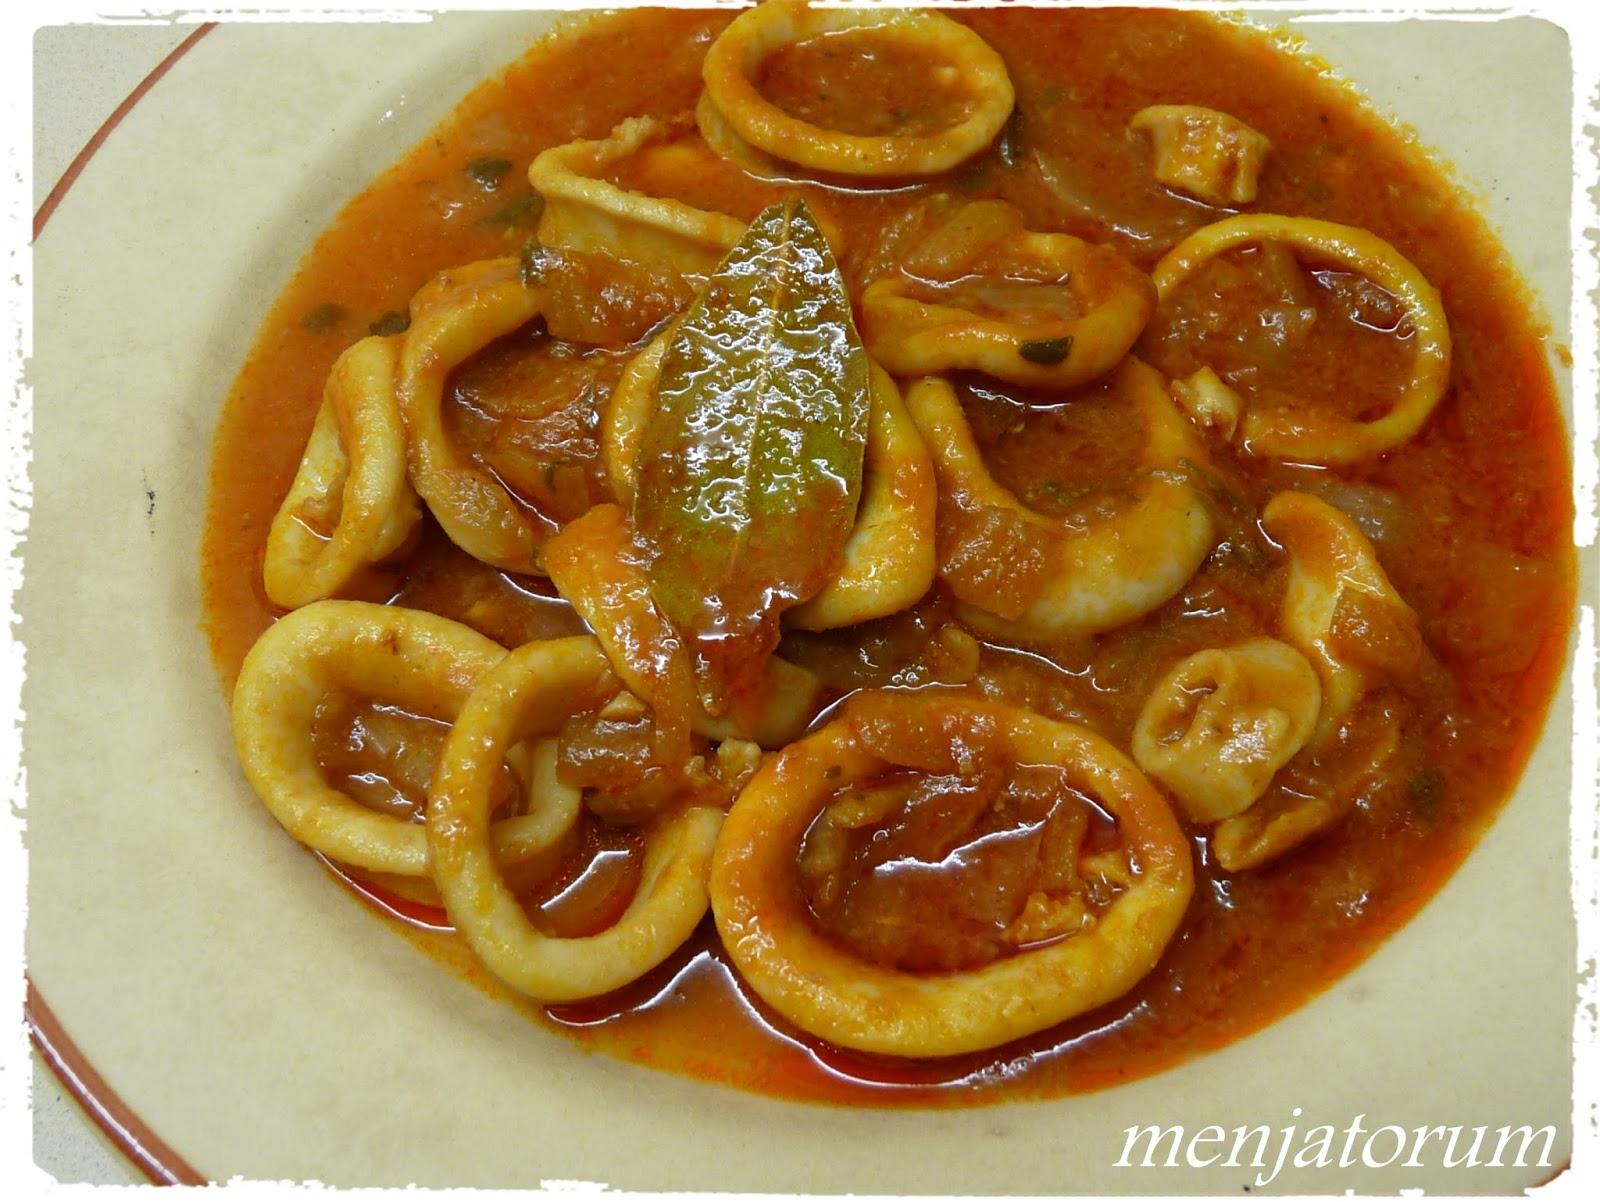 Cómo preparar calamares en salsa